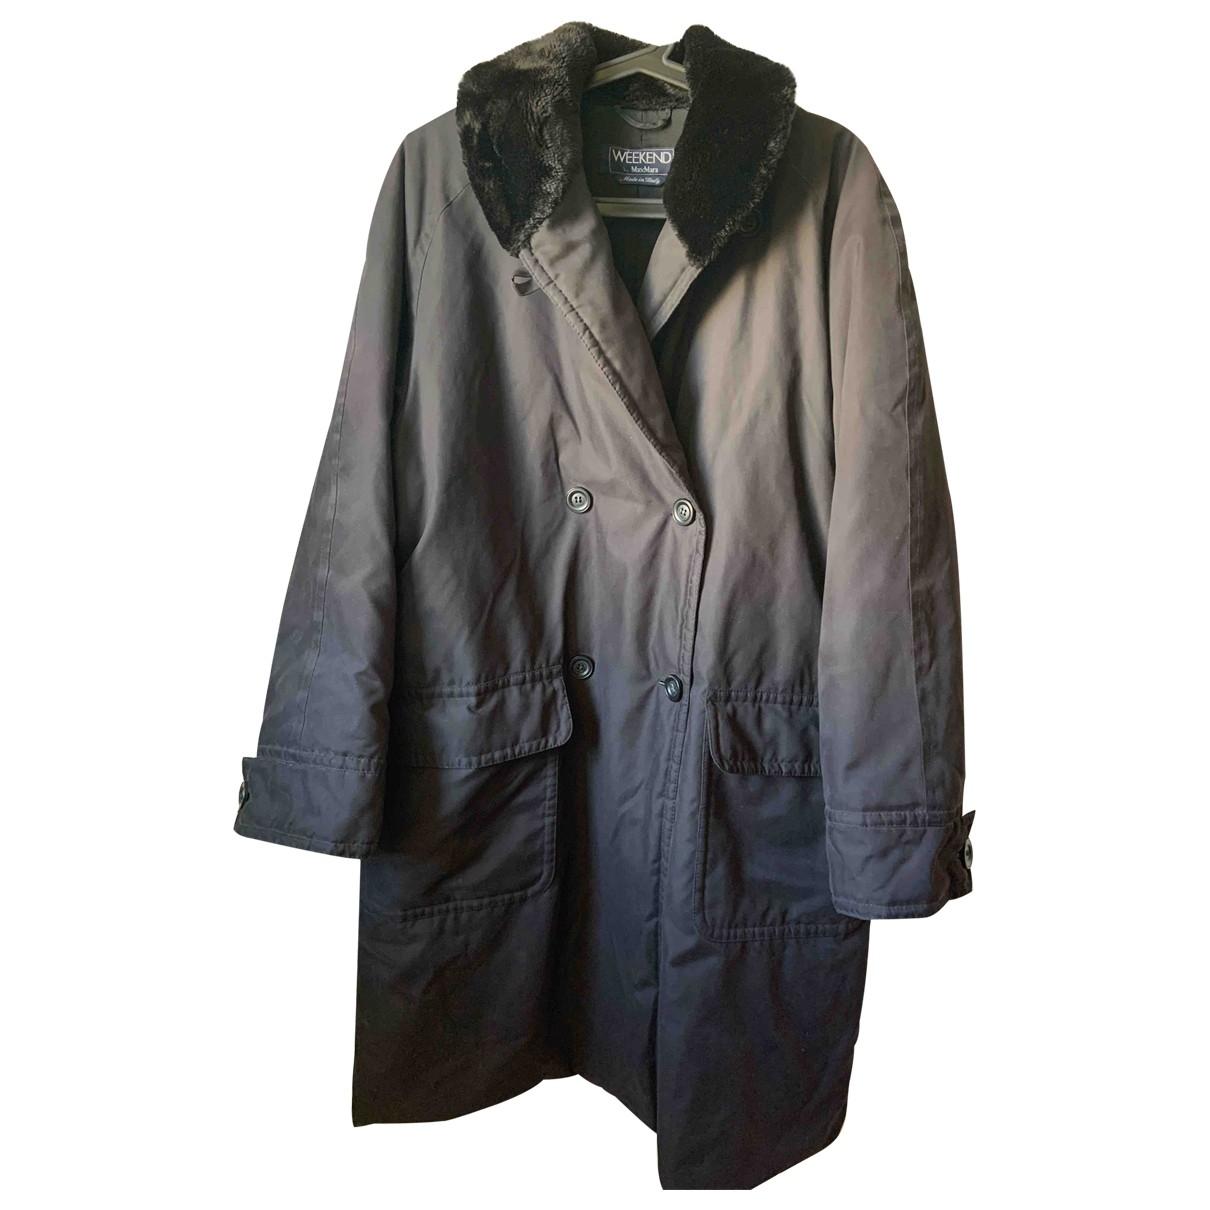 Max Mara Weekend \N Black coat for Women 44 IT